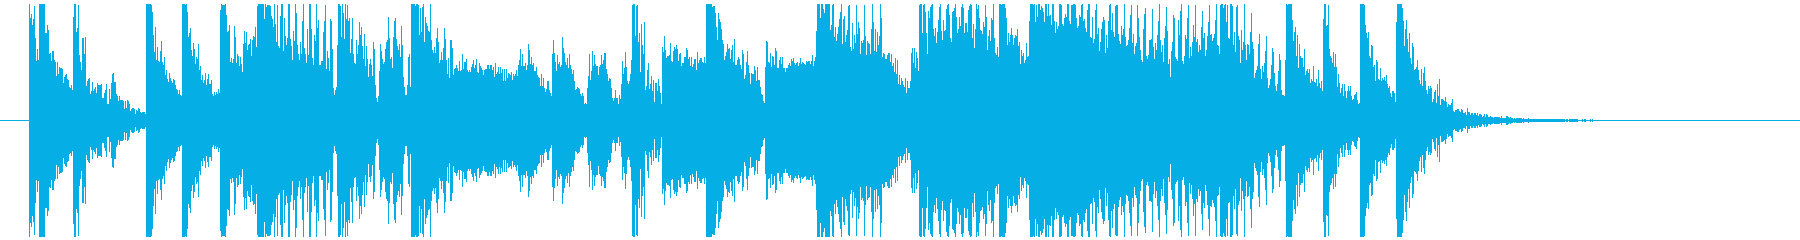 ワウギターによるファンキーなジングルの再生済みの波形